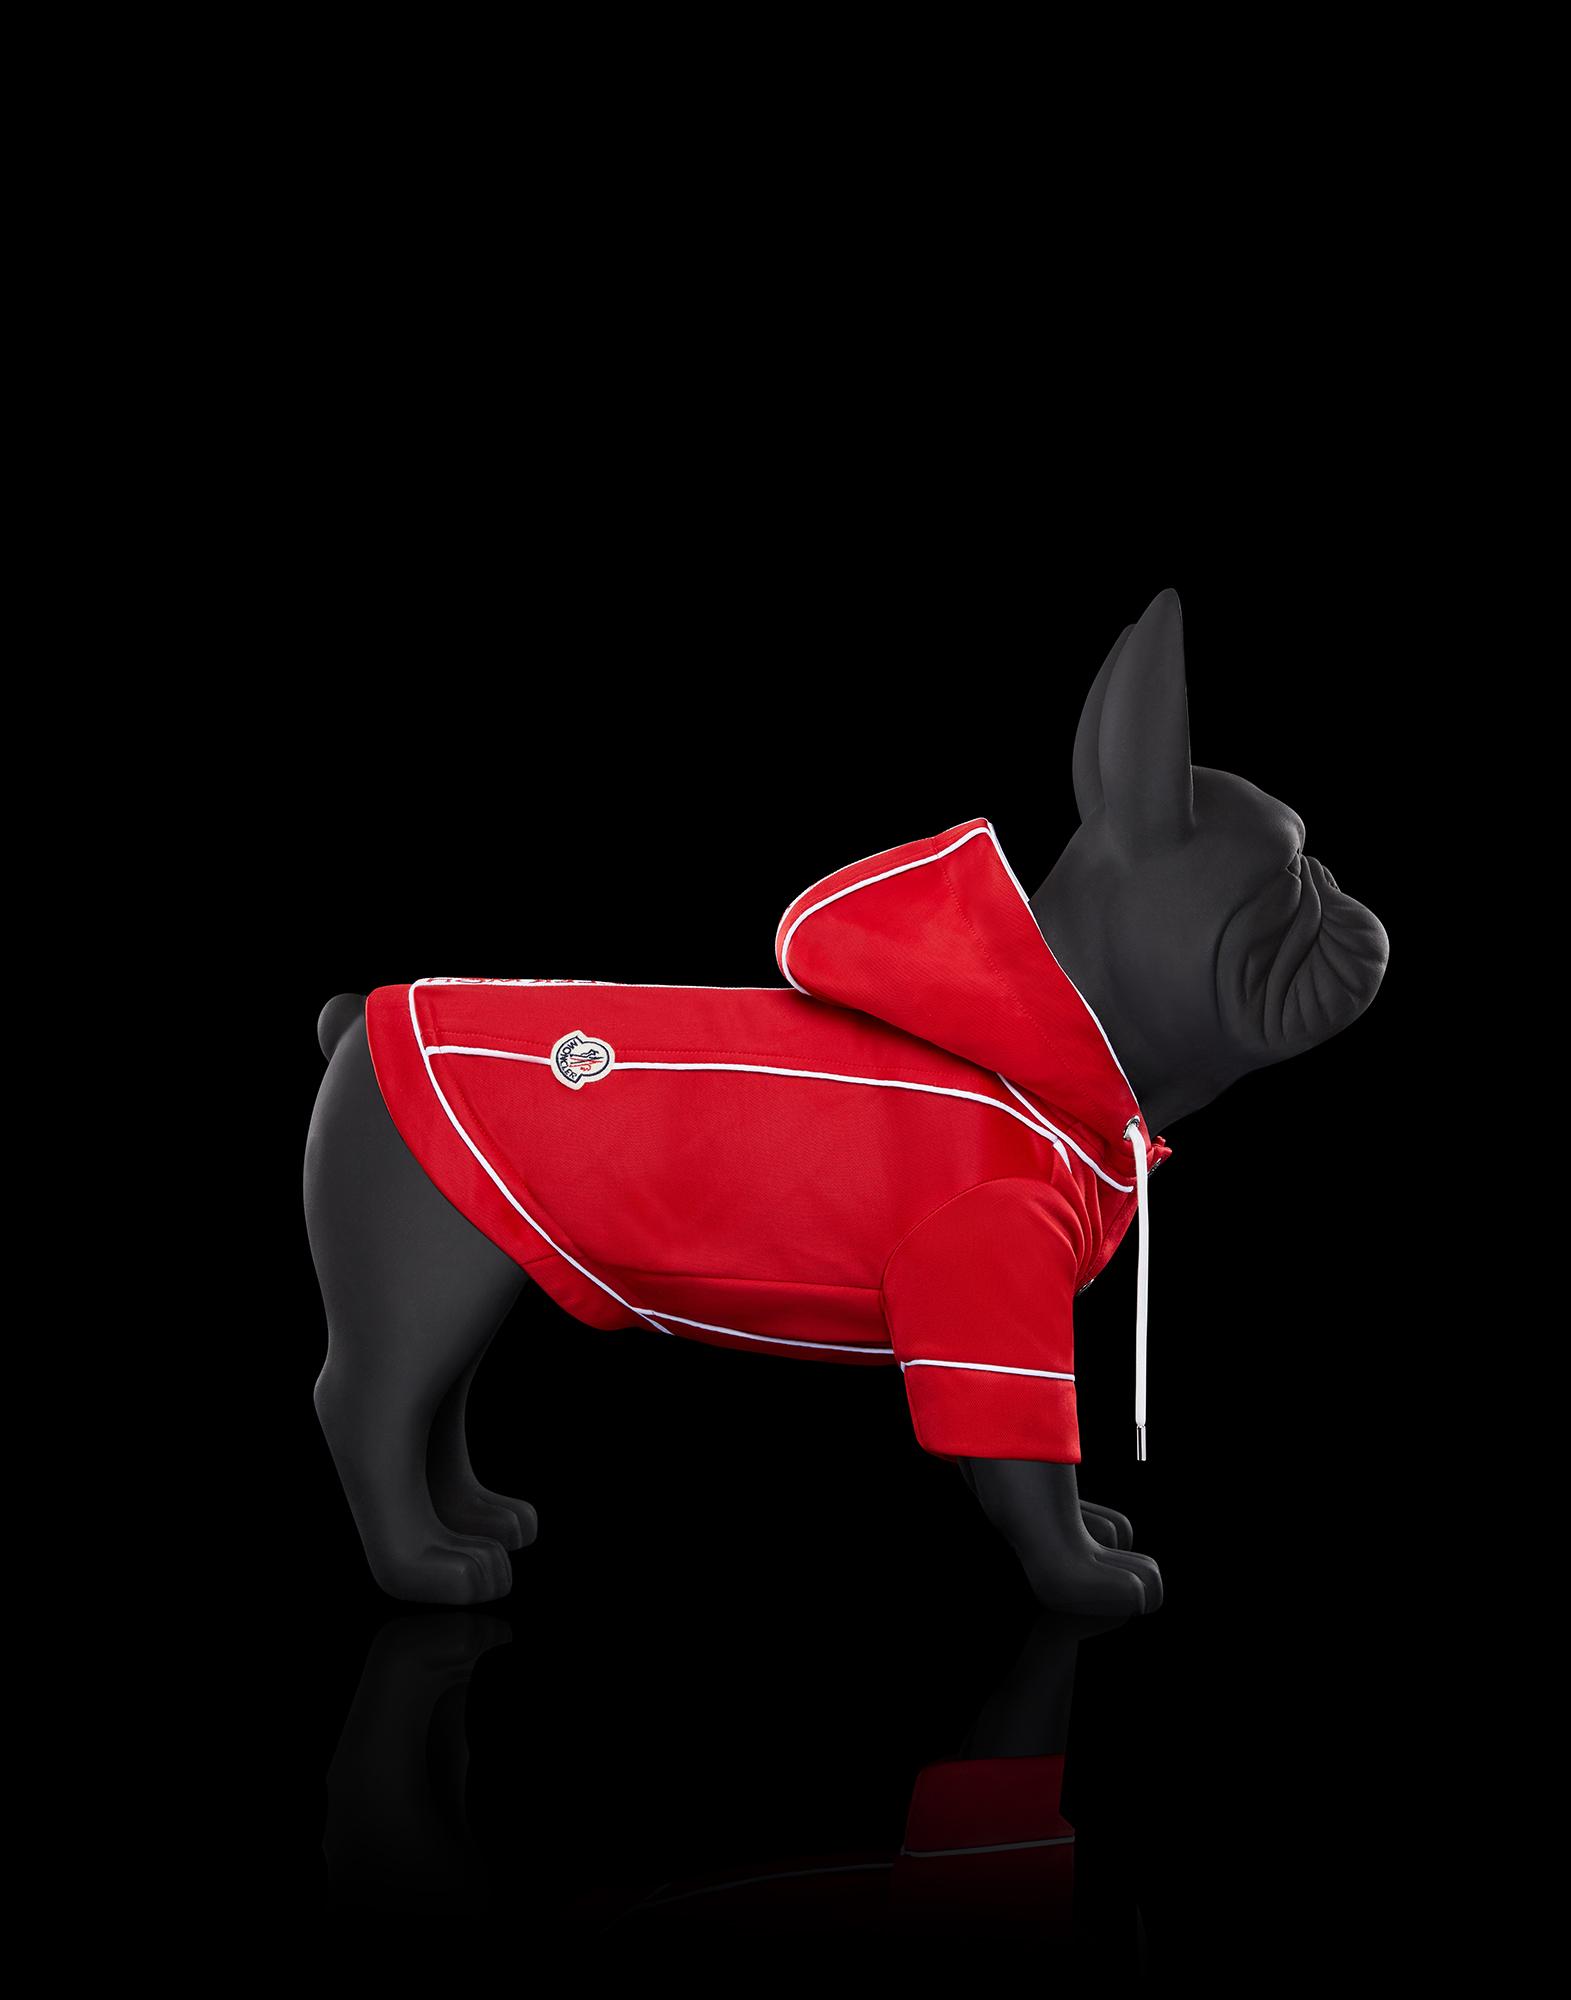 Thương hiệu Moncler tung BST áo khoác cao cấp cho... cún cưng - Hình 2